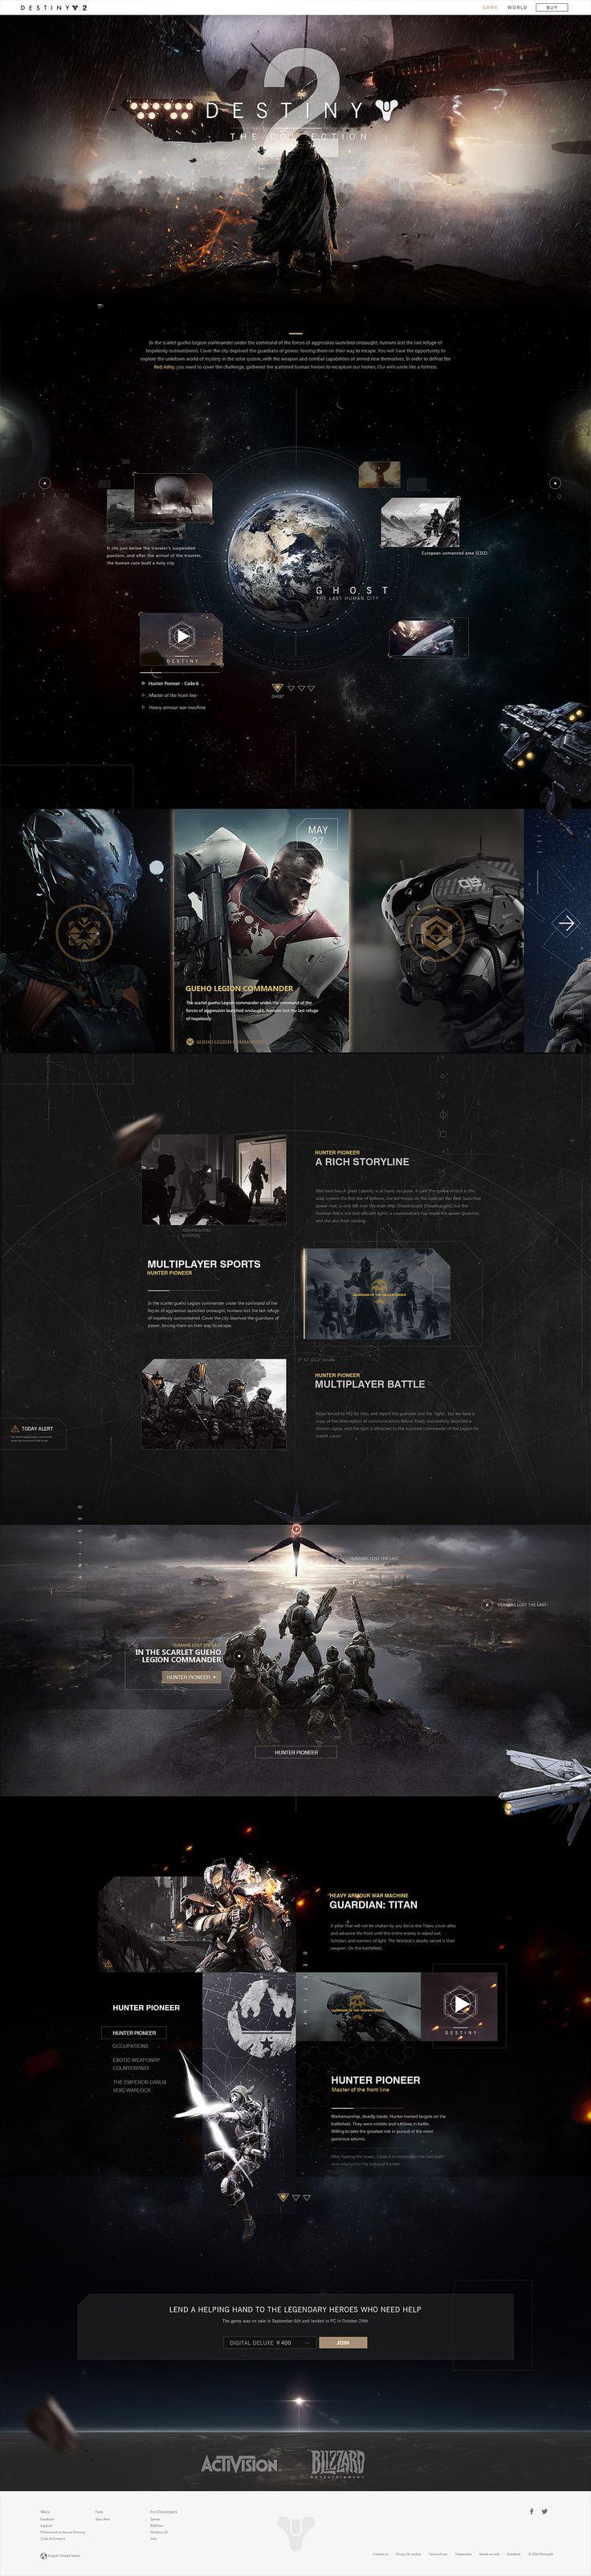 命运2|网页|游戏/娱乐|佳大大丶 - 原创作品 - 站酷 (ZCOOL)